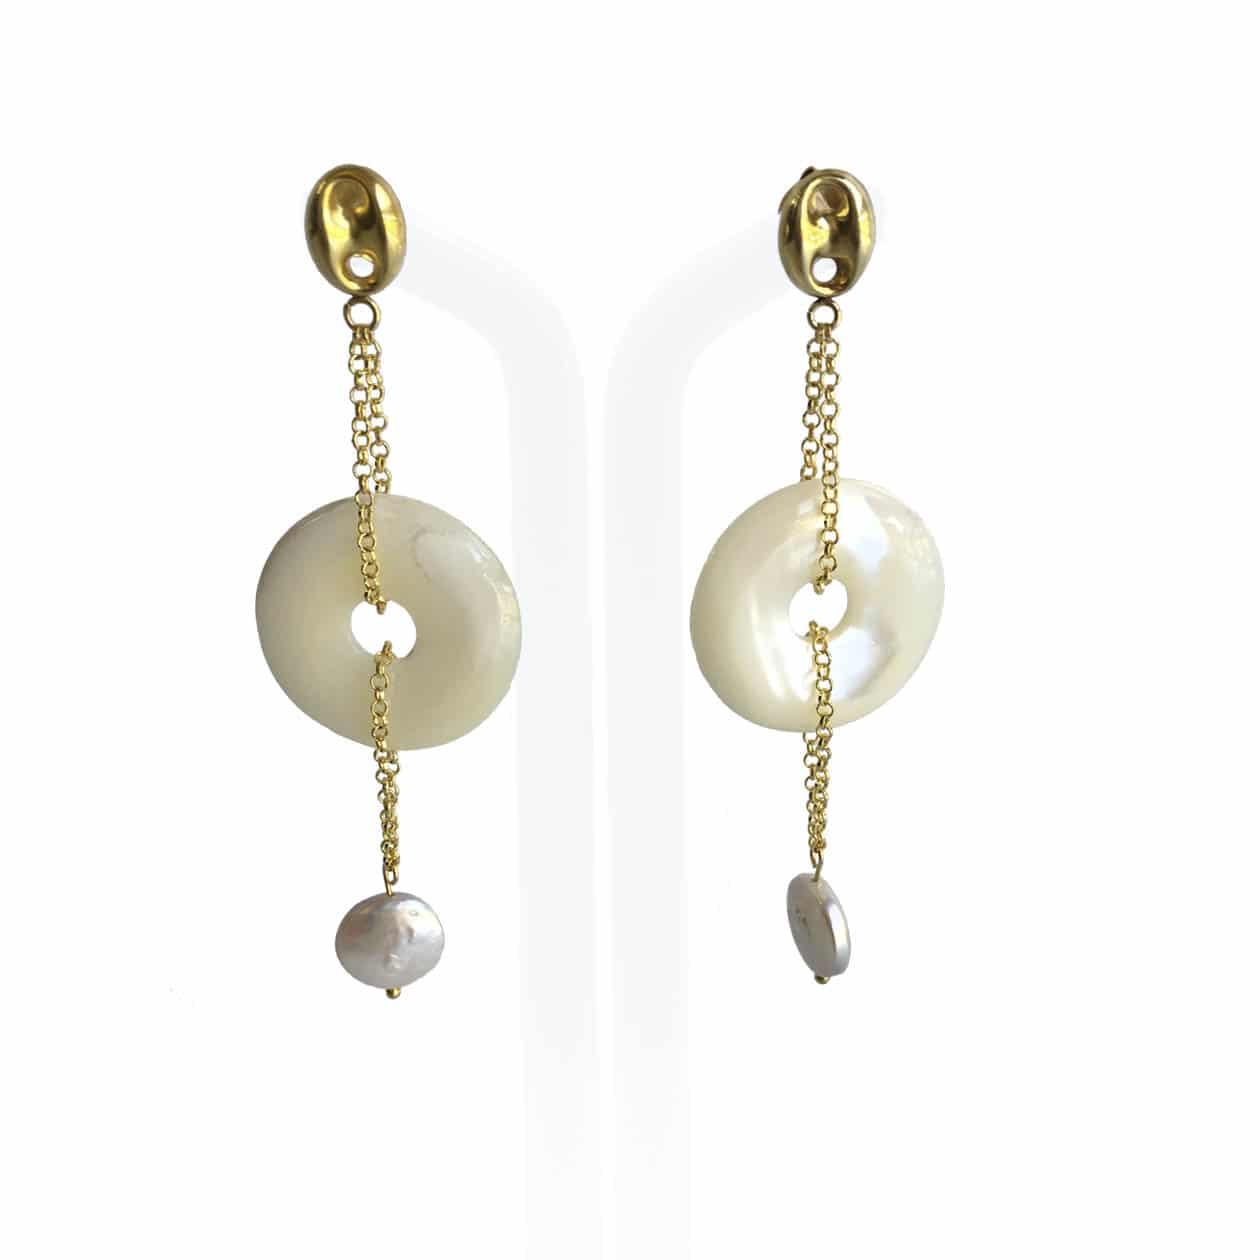 Pendientes de Nácar, perlas y plata chapada en oro 18K, hechos a mano.  Pieza exclusiva.